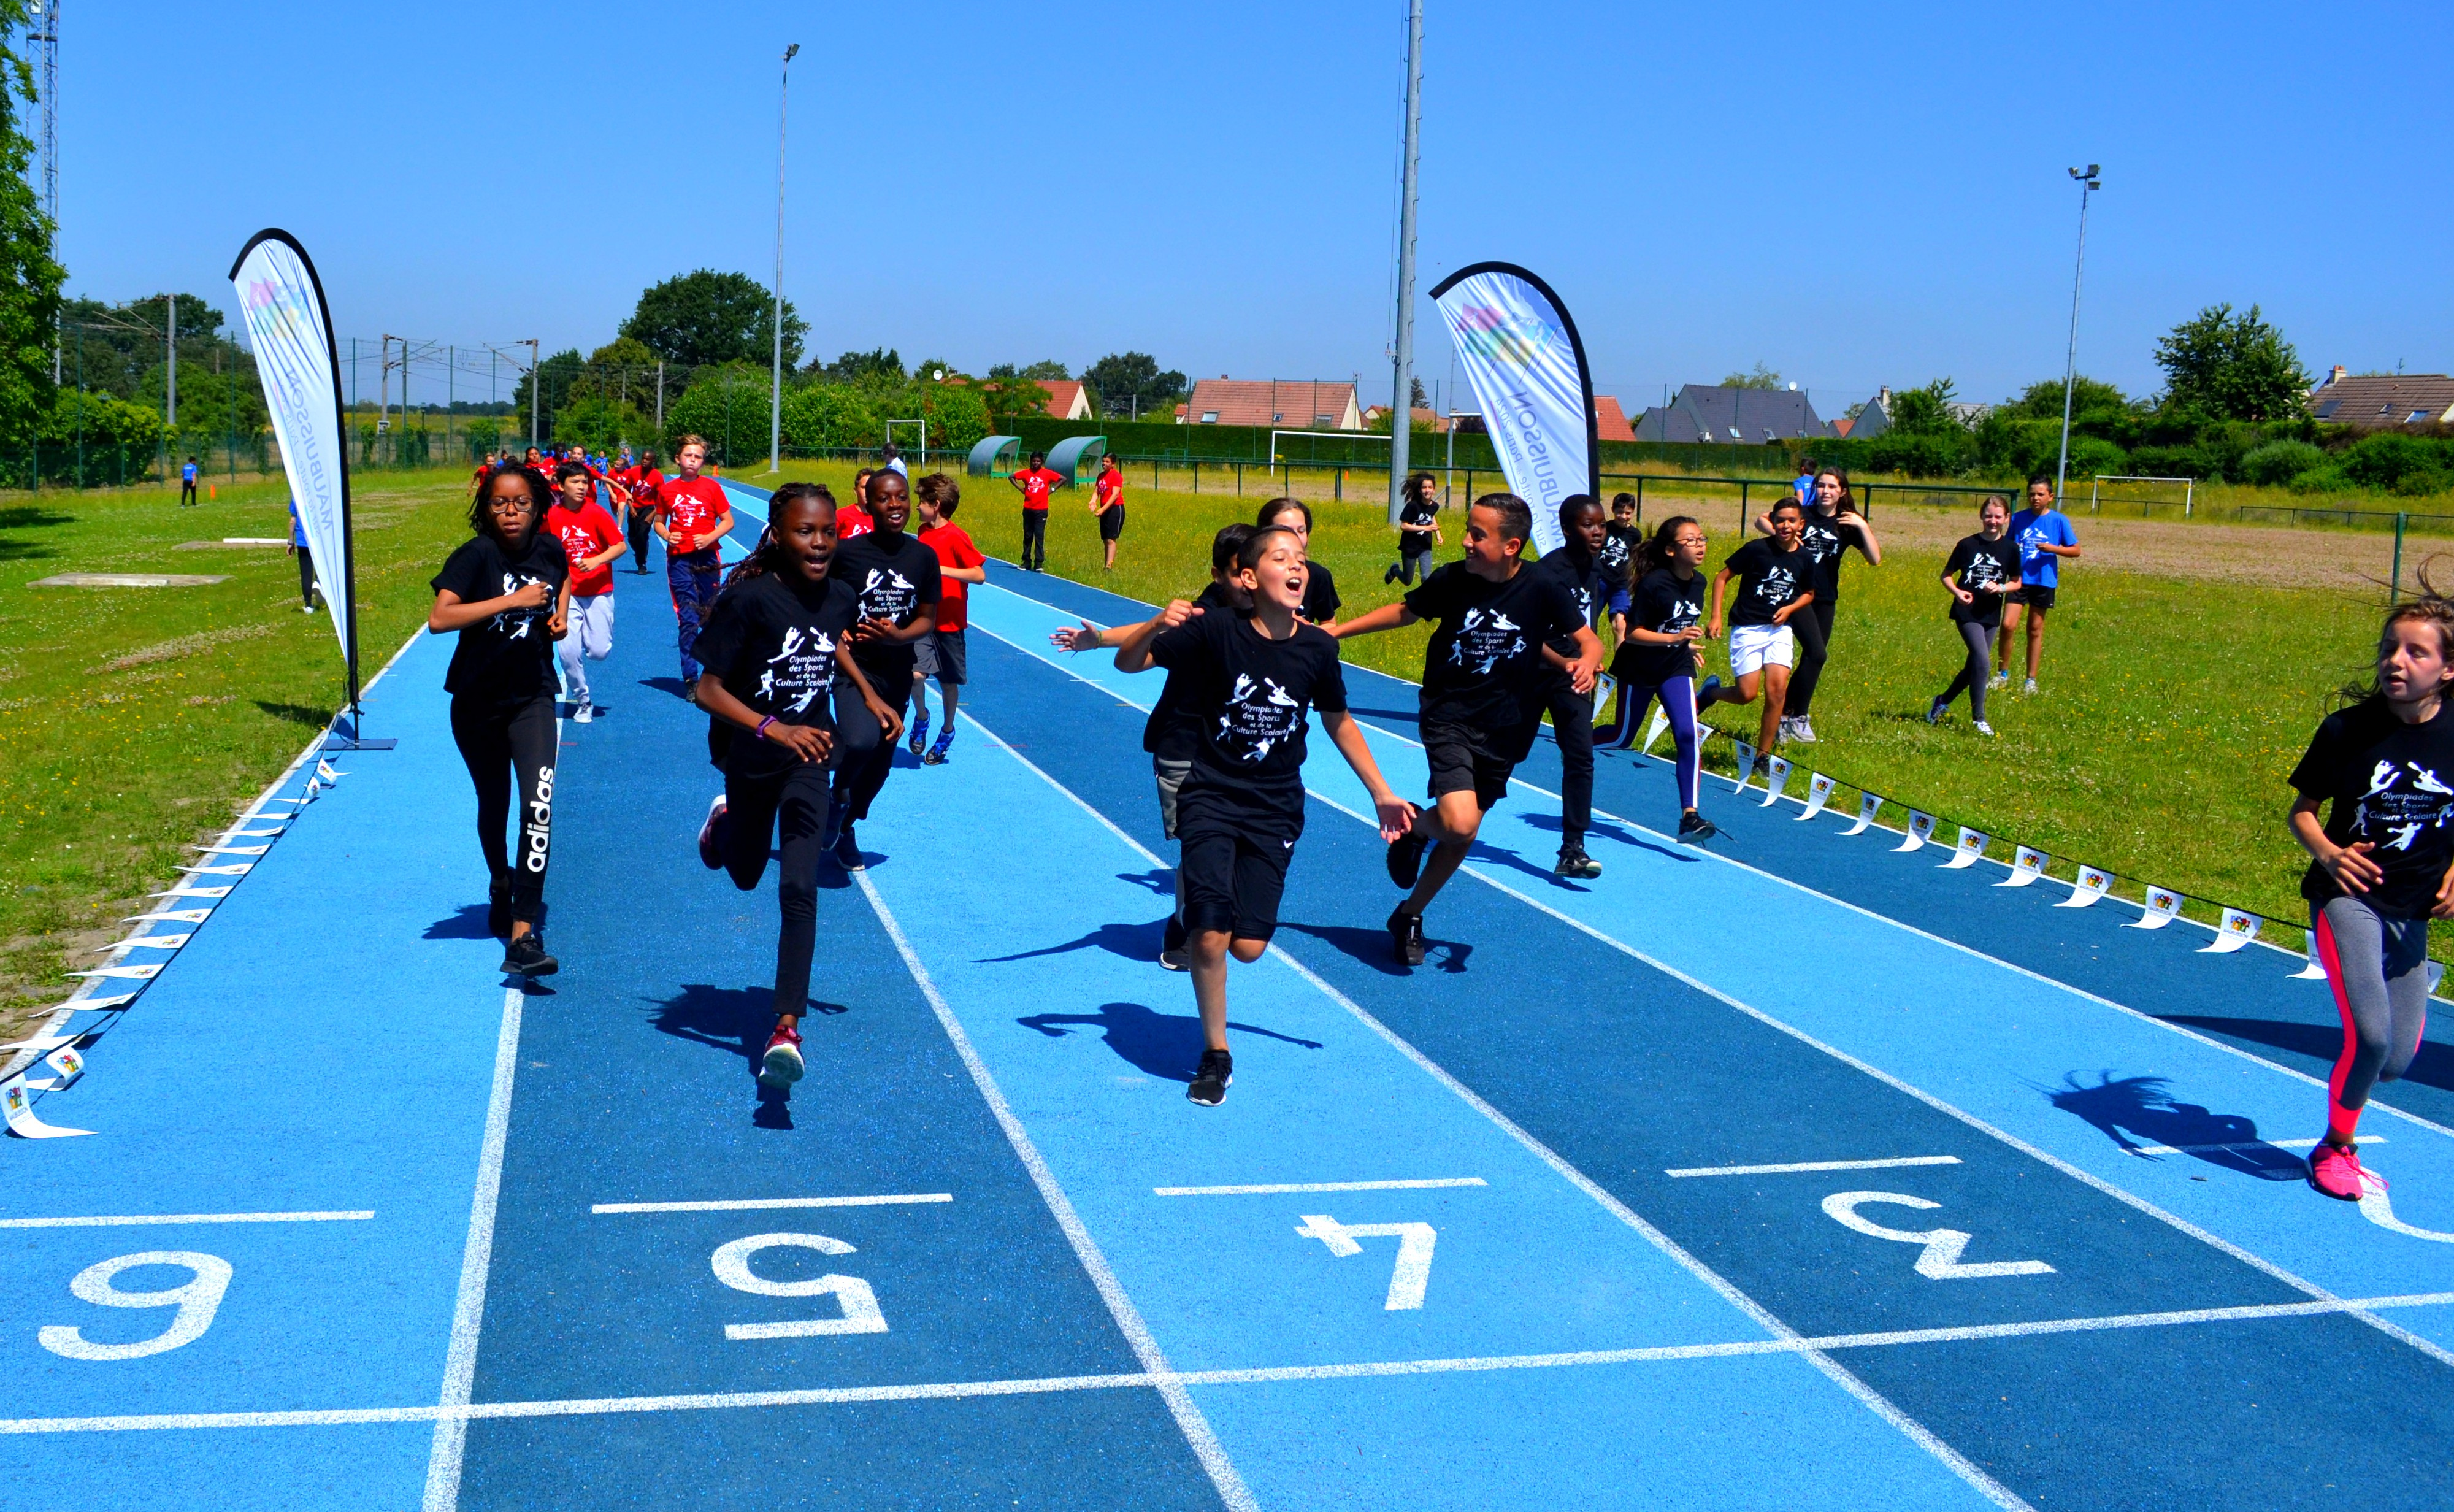 L'arrivée du parcours en équipe et la classe vainqueur des Olympiades saison 1